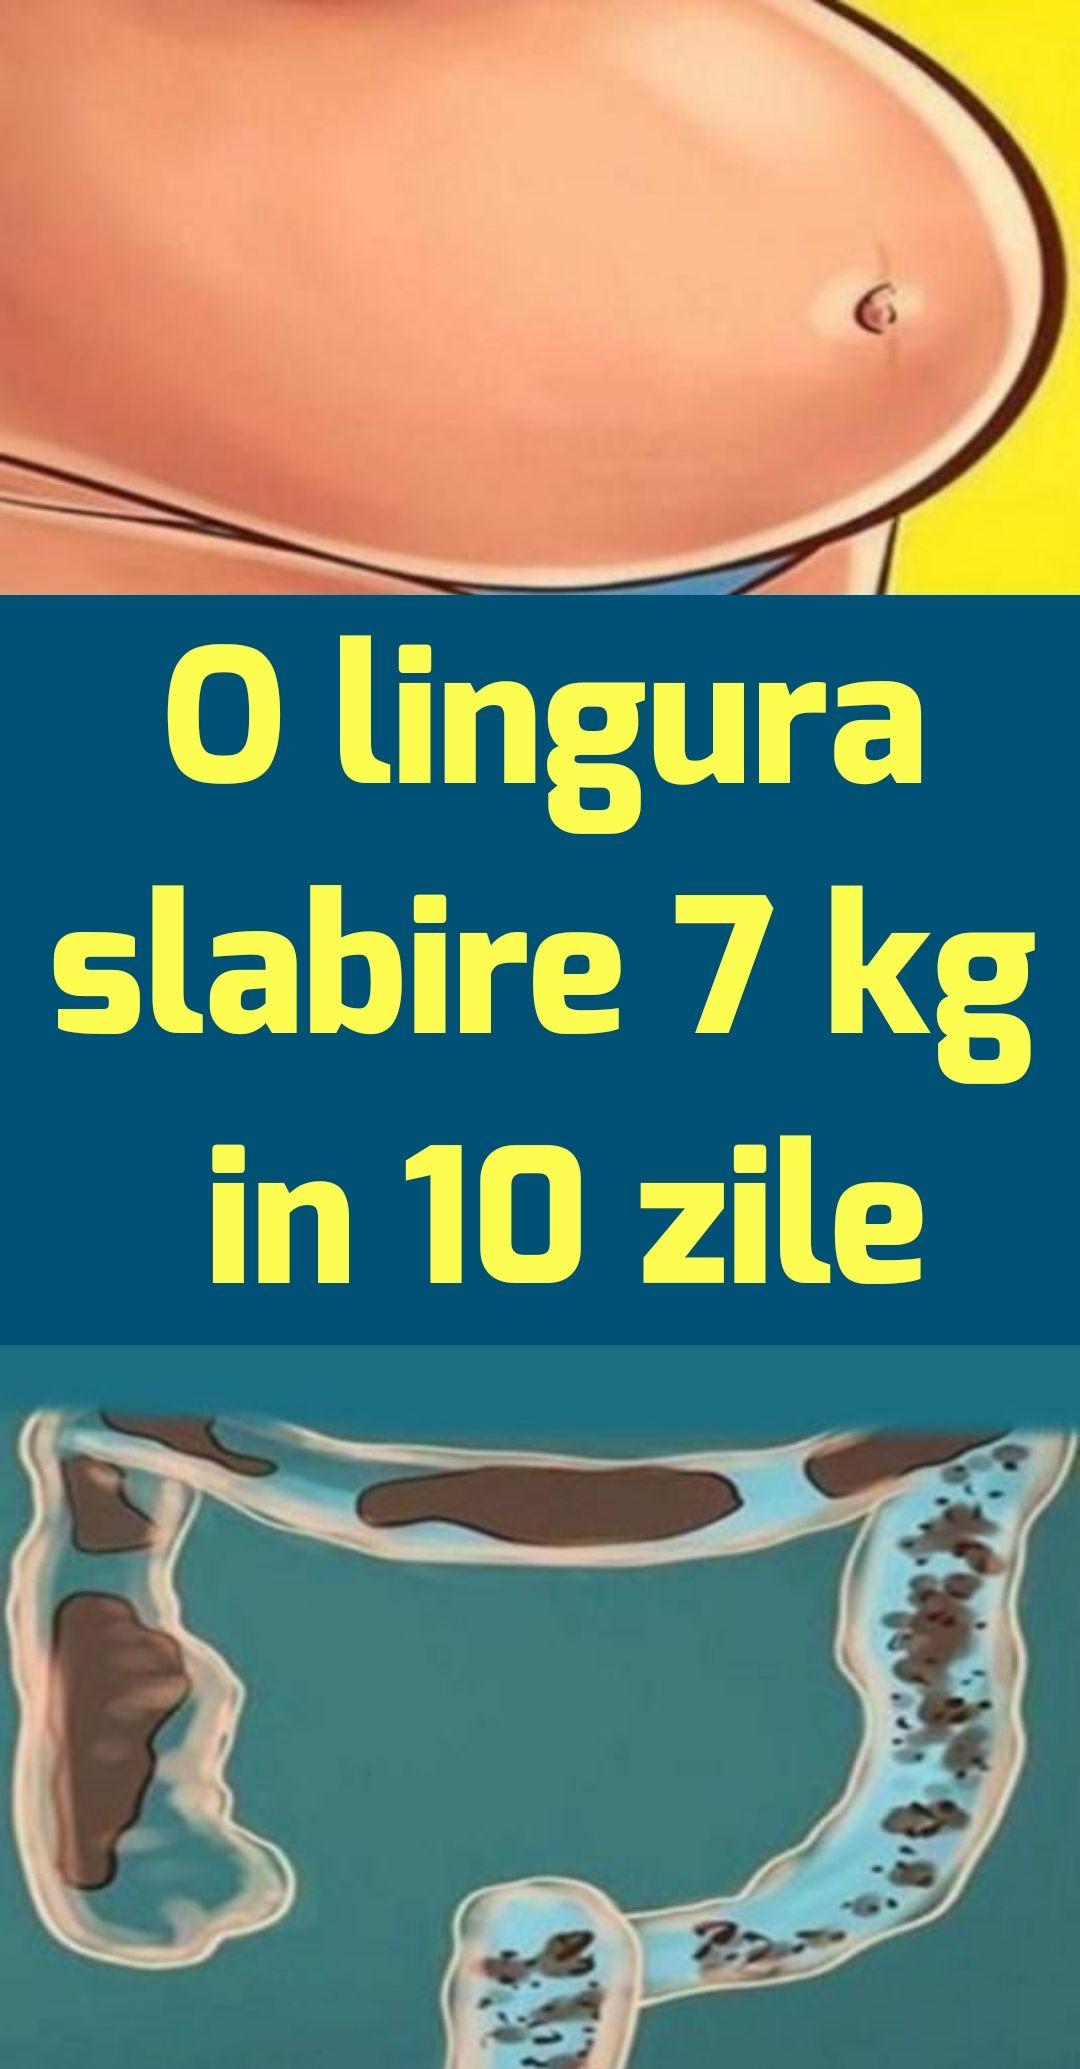 pierderea în greutate rvha